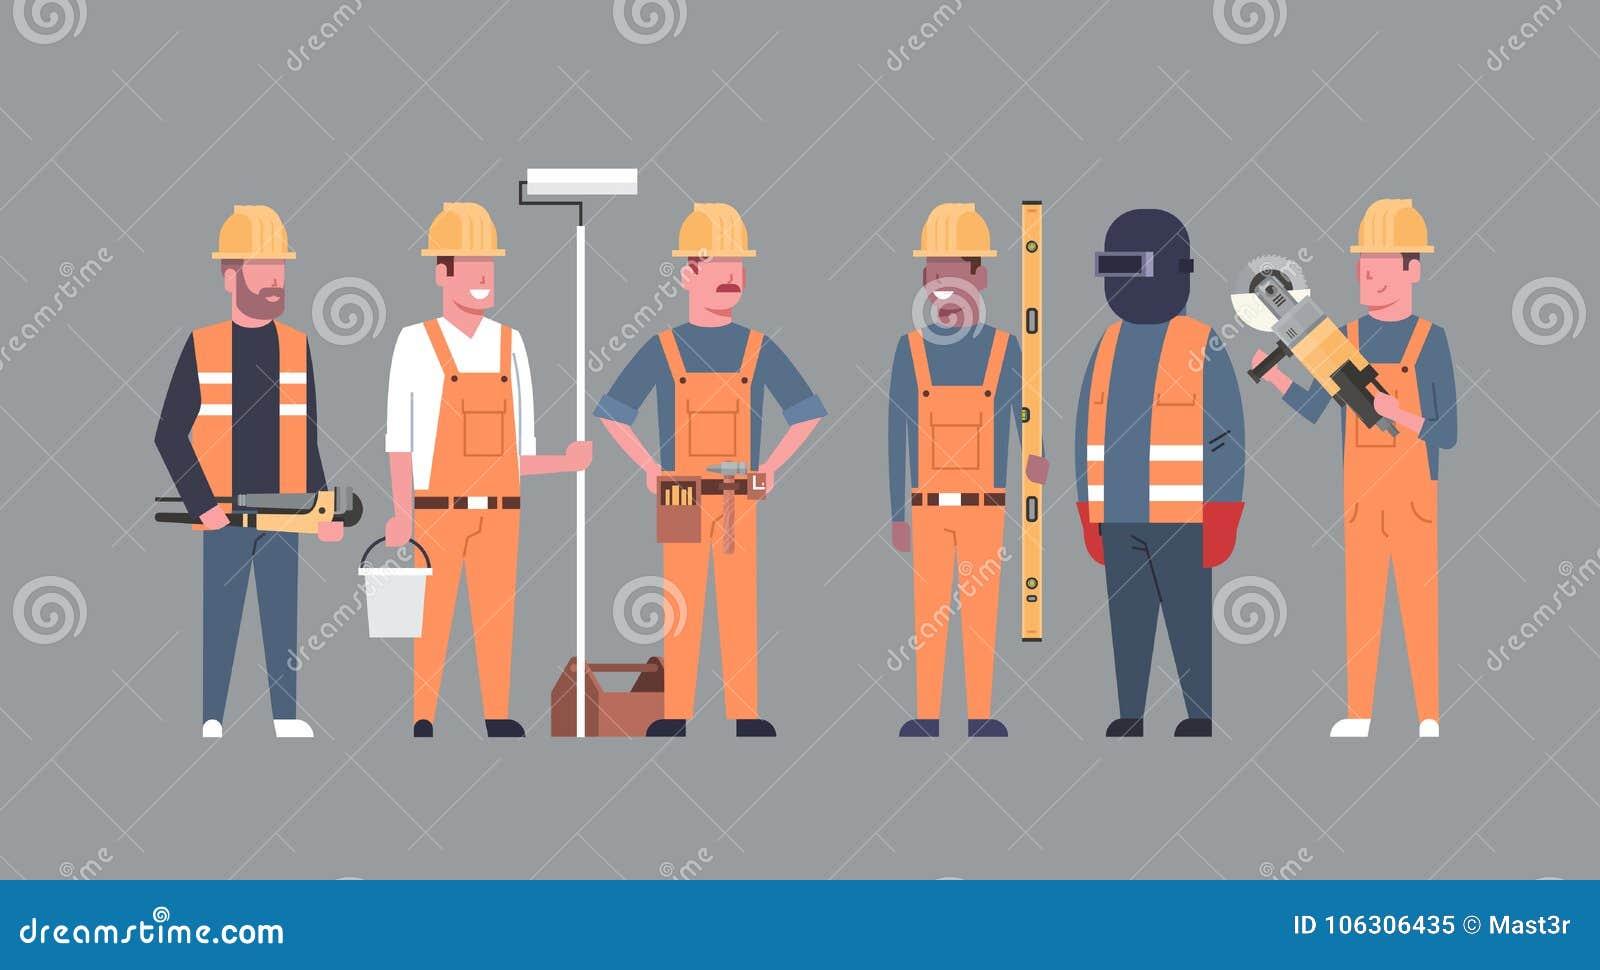 Costructions-Arbeitskraft-Team Industrial Technicians Mix Race-Mann-Erbauer-Gruppe